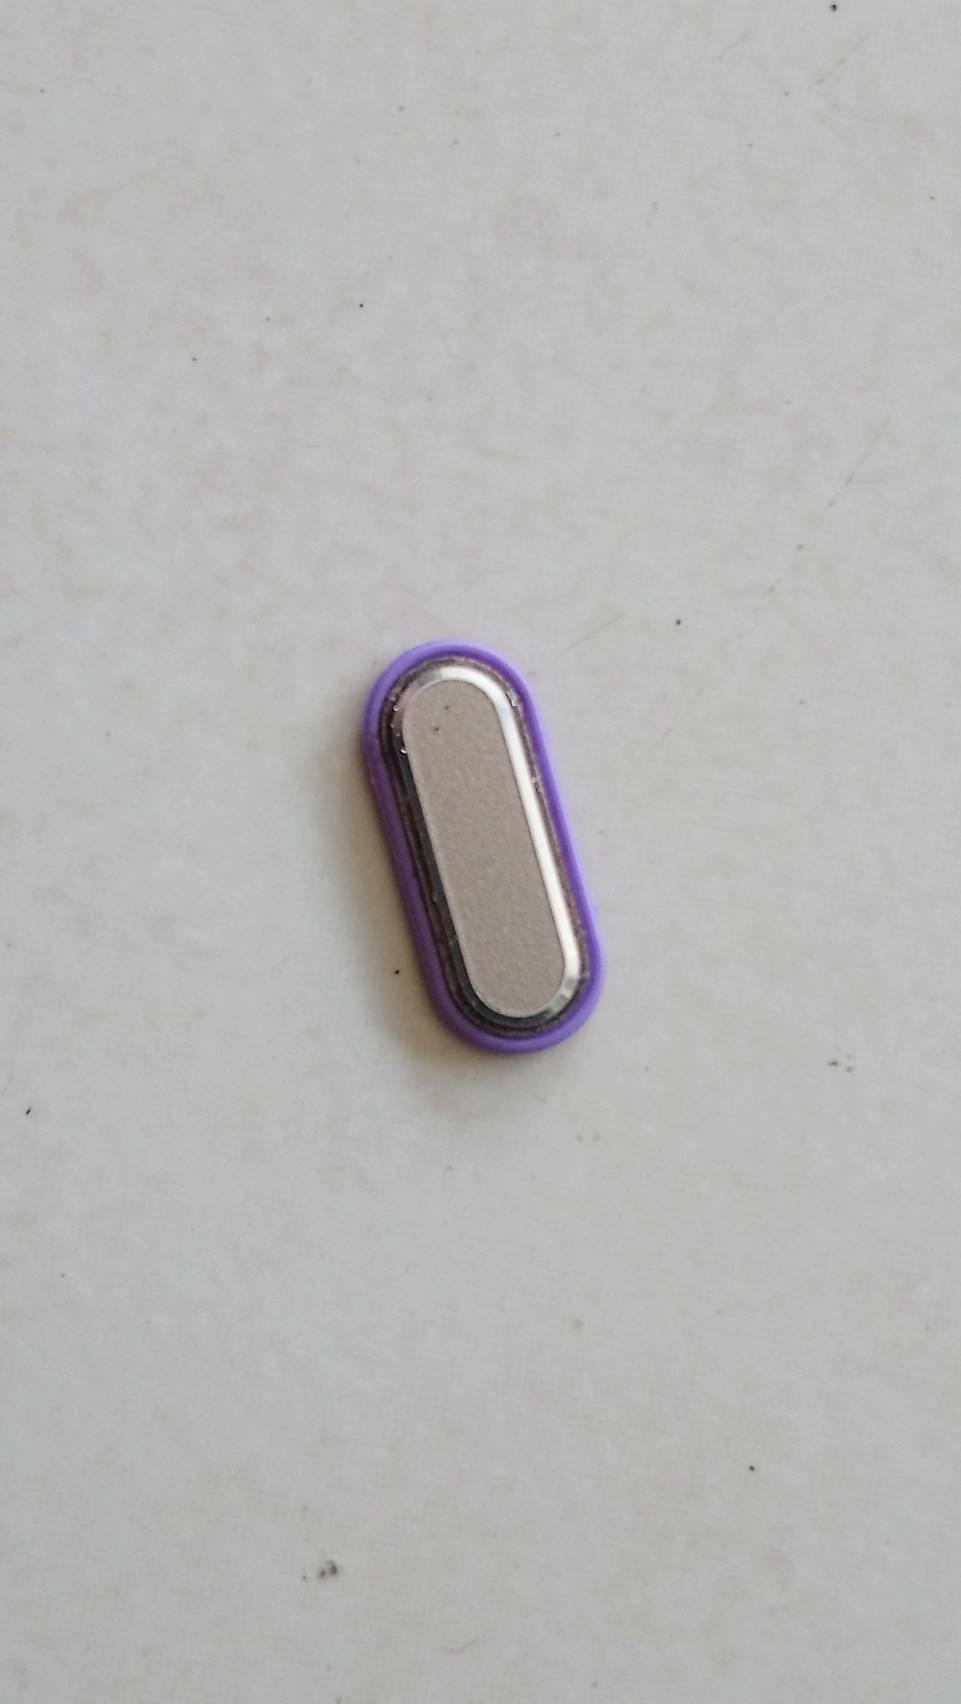 ปุ่มโฮมสีทอง Samsung J2 Prime SM-G532G/DS มือสอง